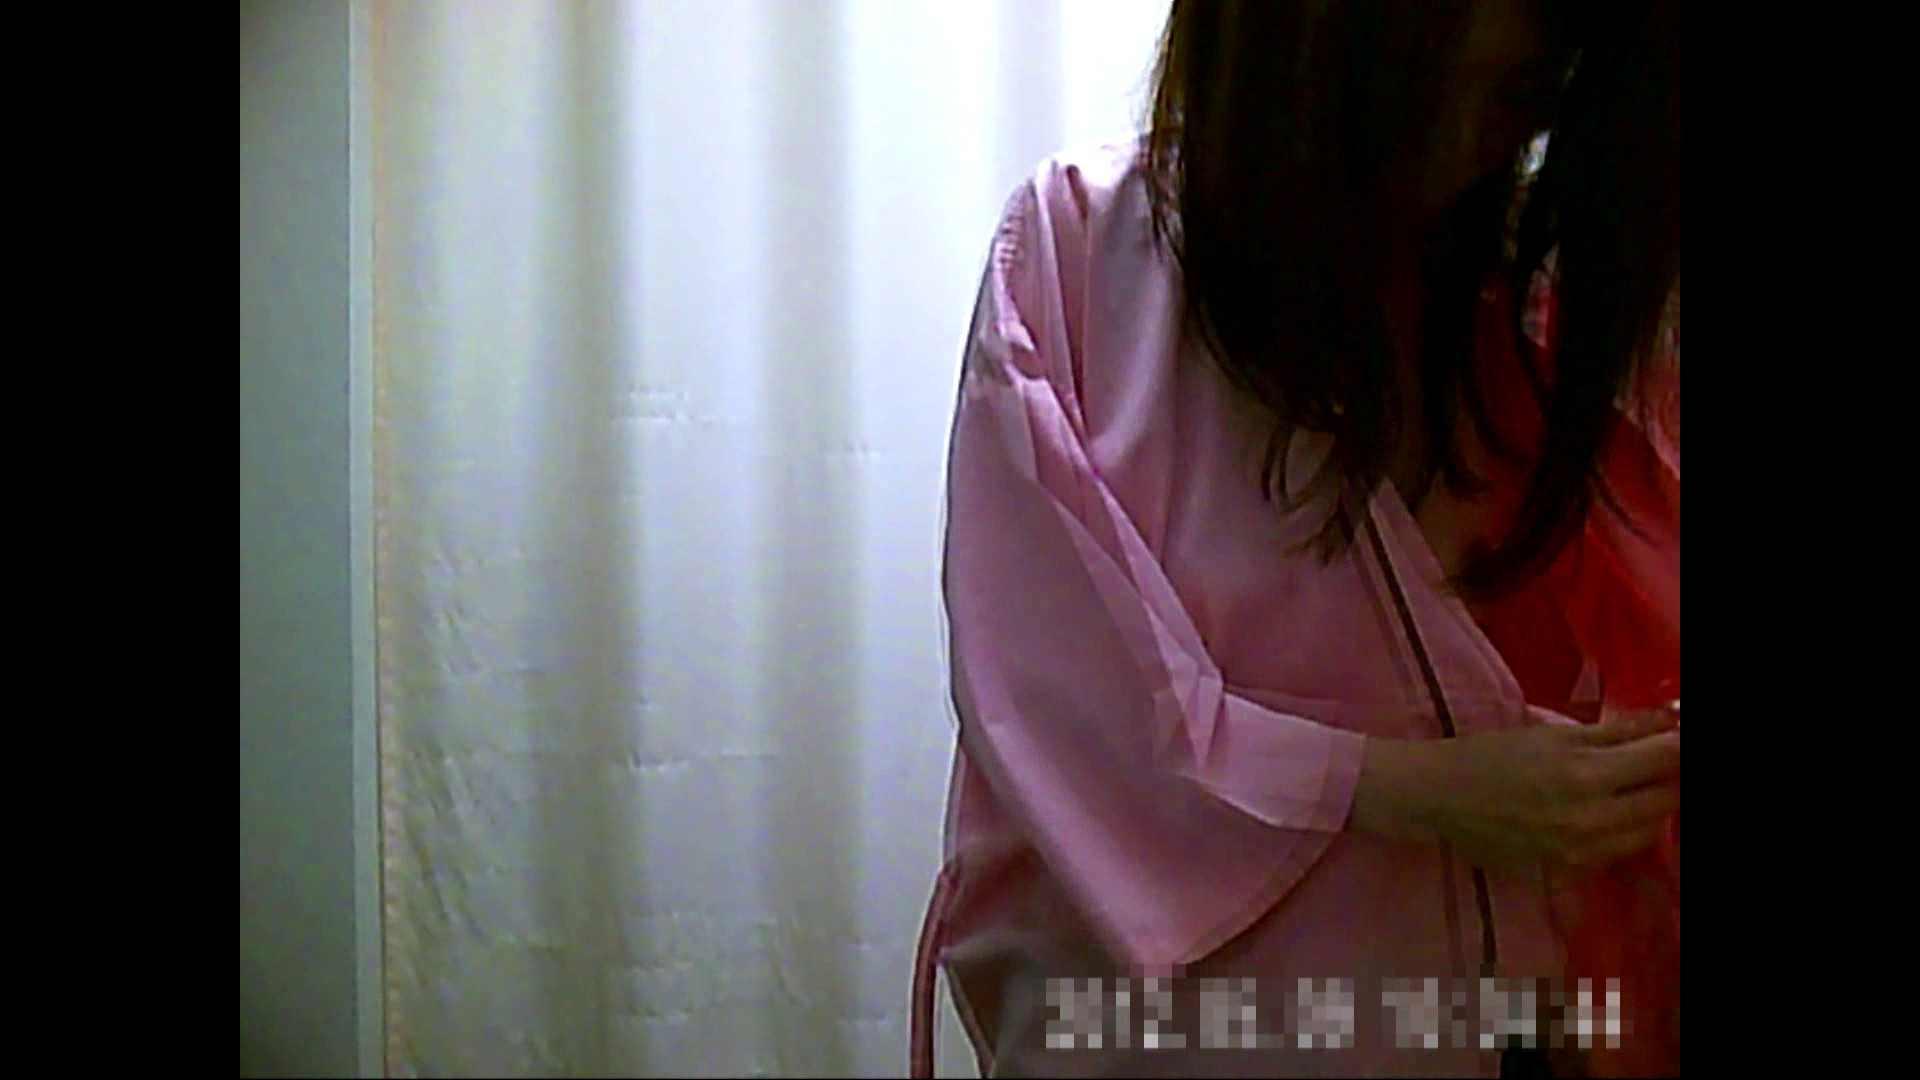 元医者による反抗 更衣室地獄絵巻 vol.002 OLハメ撮り  40Pix 4